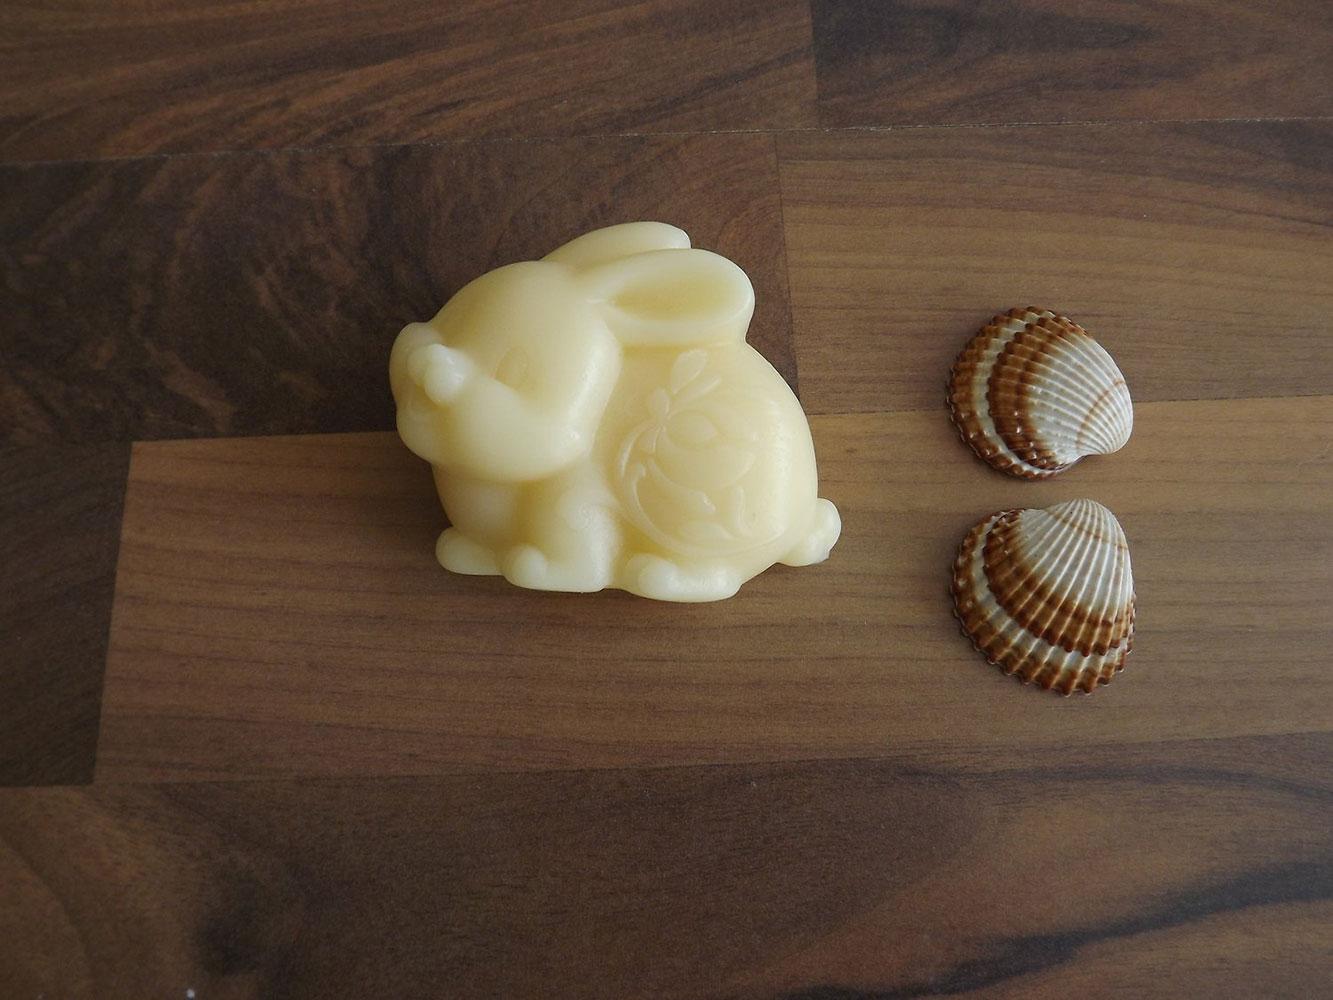 Glycerinové mýdlo s vůní jasmínu s kozím mlékem nebo bambuckým máslem  ( zajíček ) - Šťastná mysl, 70 g